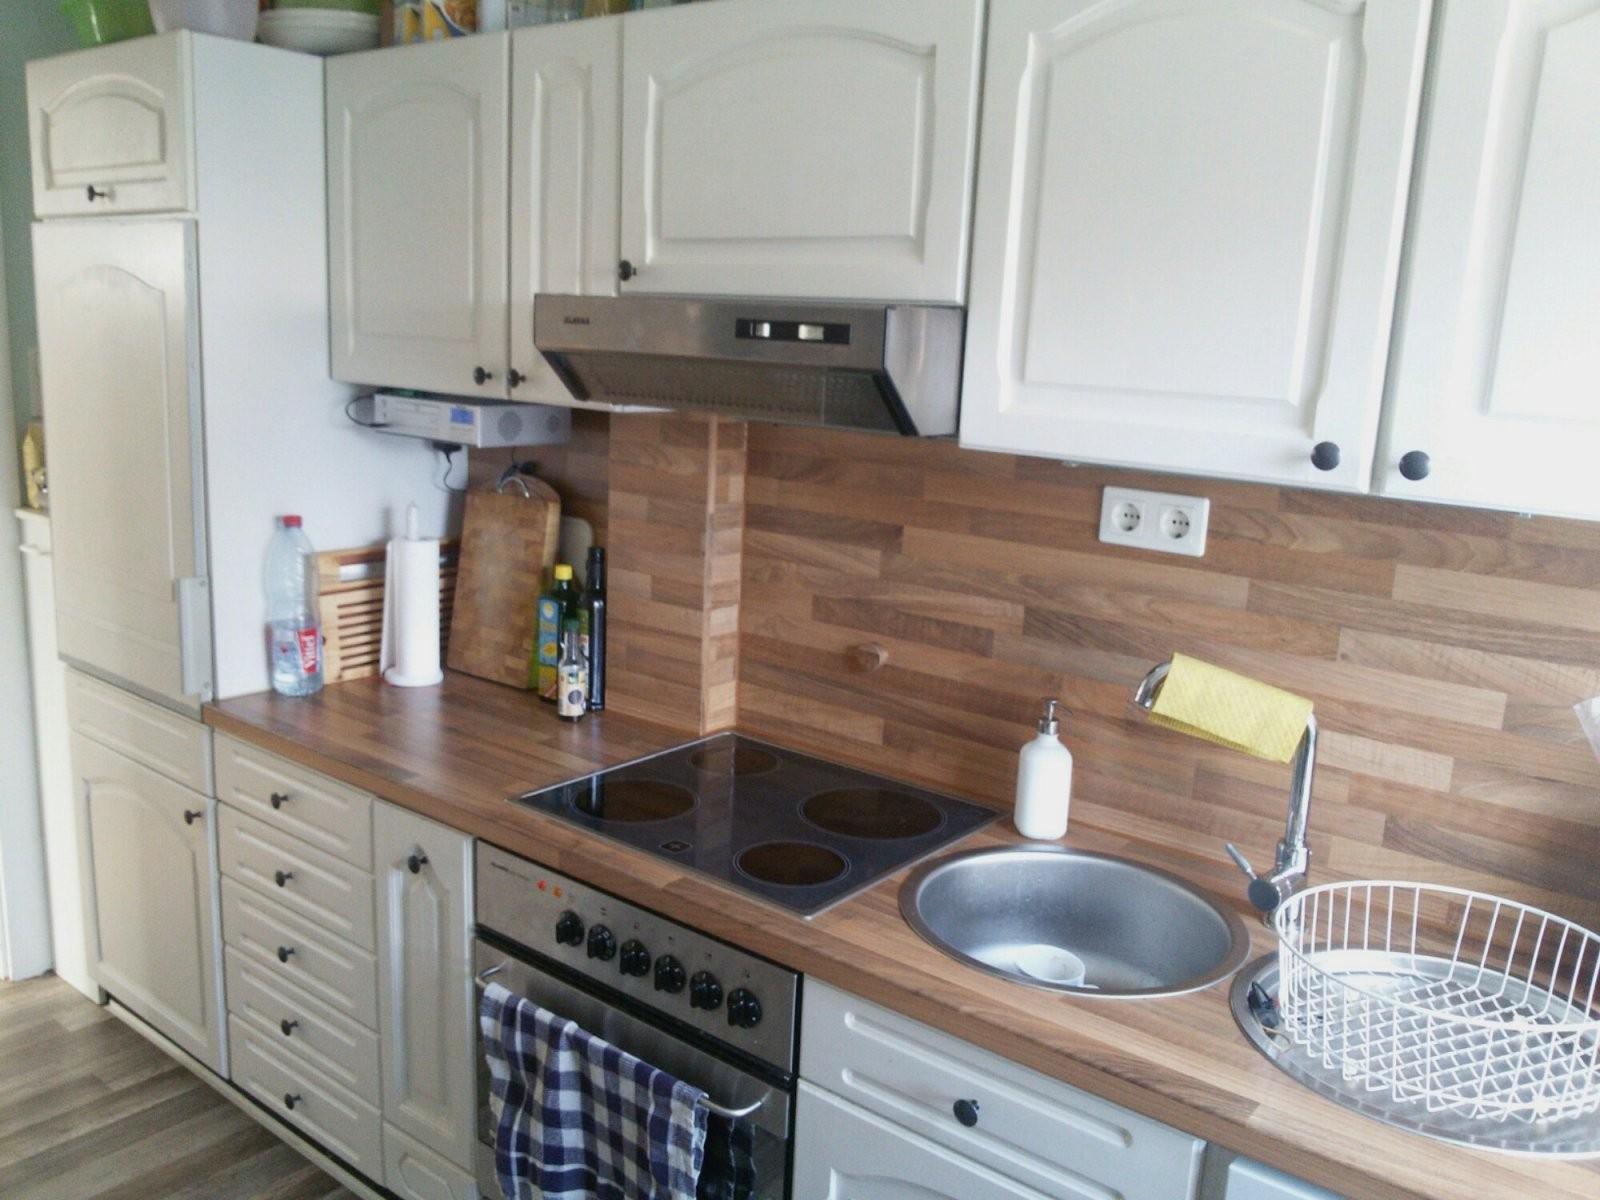 Küche Lackieren Vorher Nachher  Dekorieren Bei Das Haus von Küchenfronten Lackieren Vorher Nachher Bild